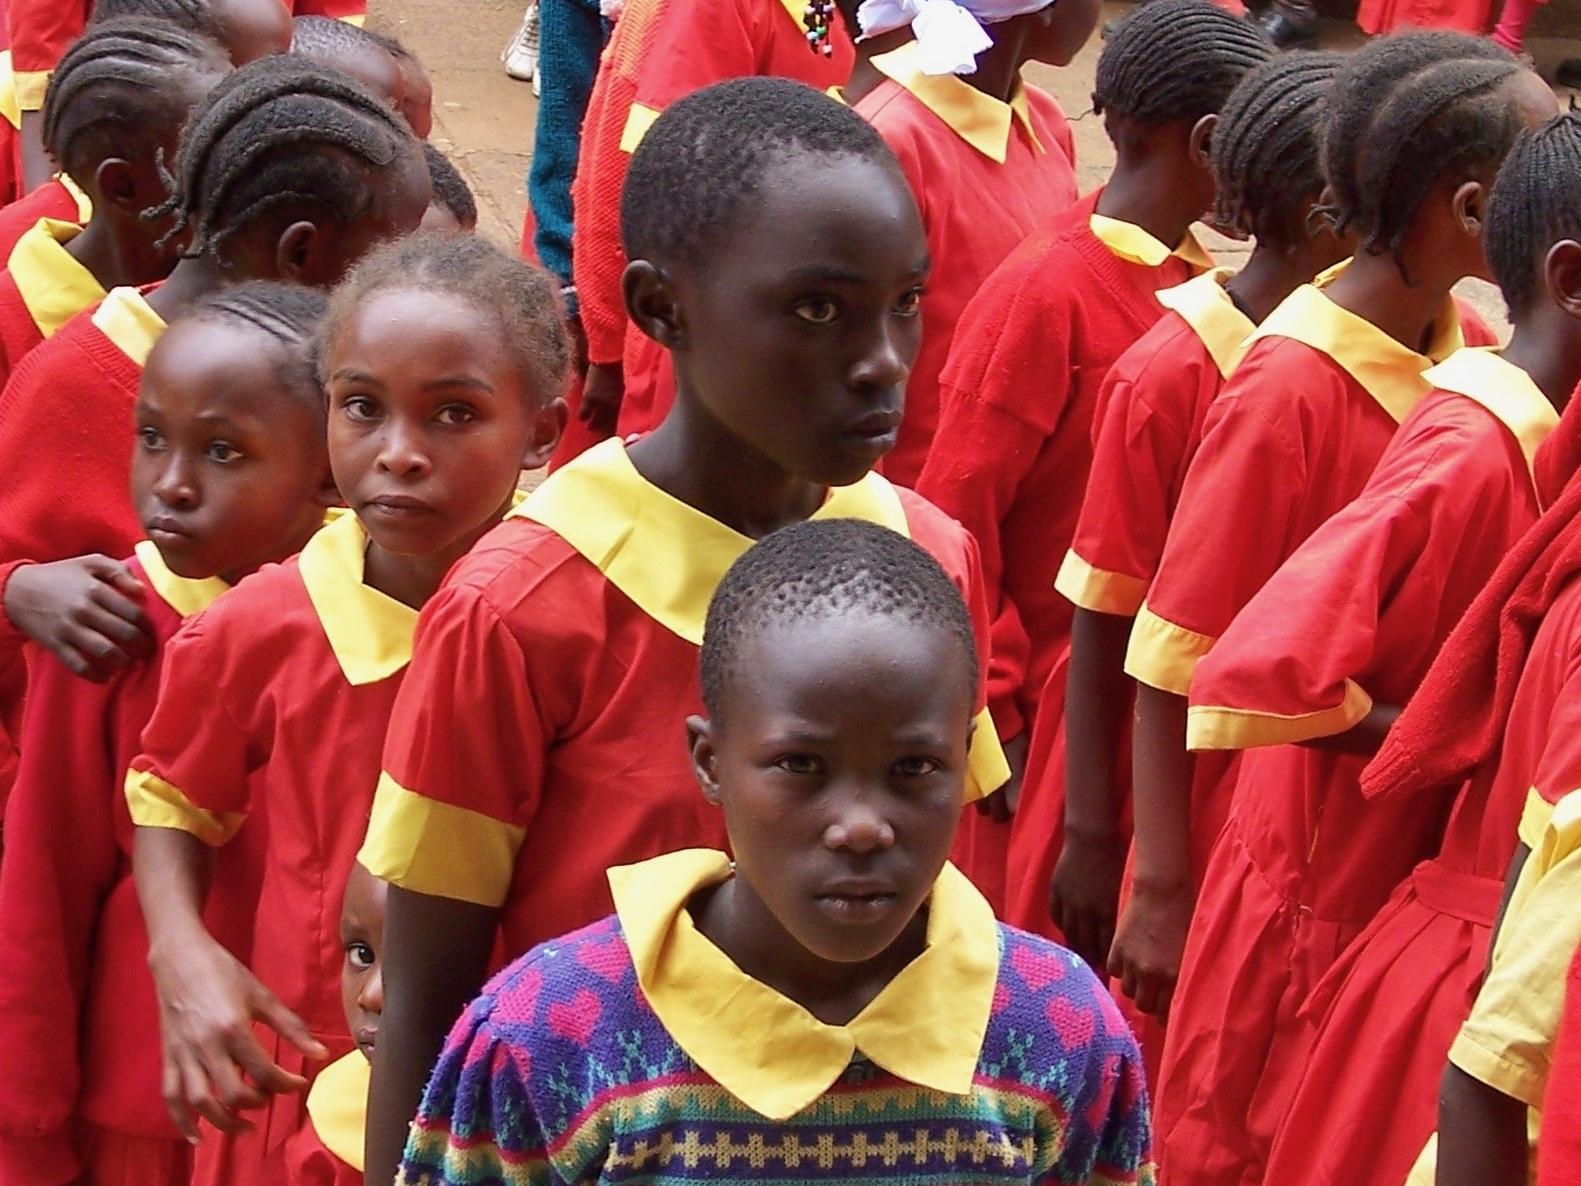 Students at the National Museum, Nairobi